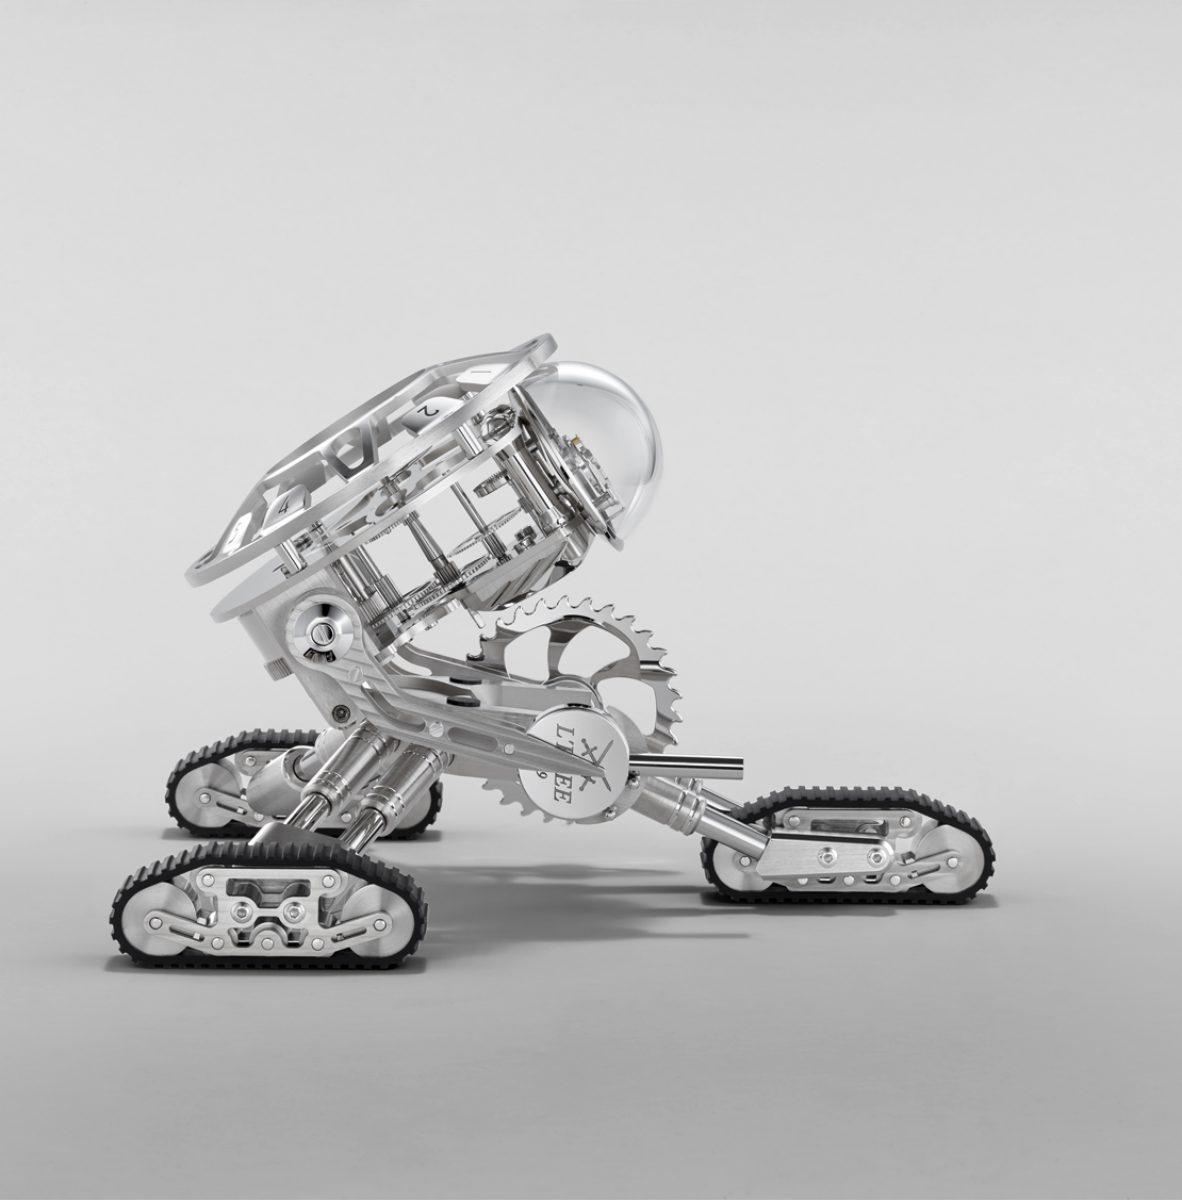 將Grant 的軀幹固定在 45 度角,完美呈現其機器人的外型。